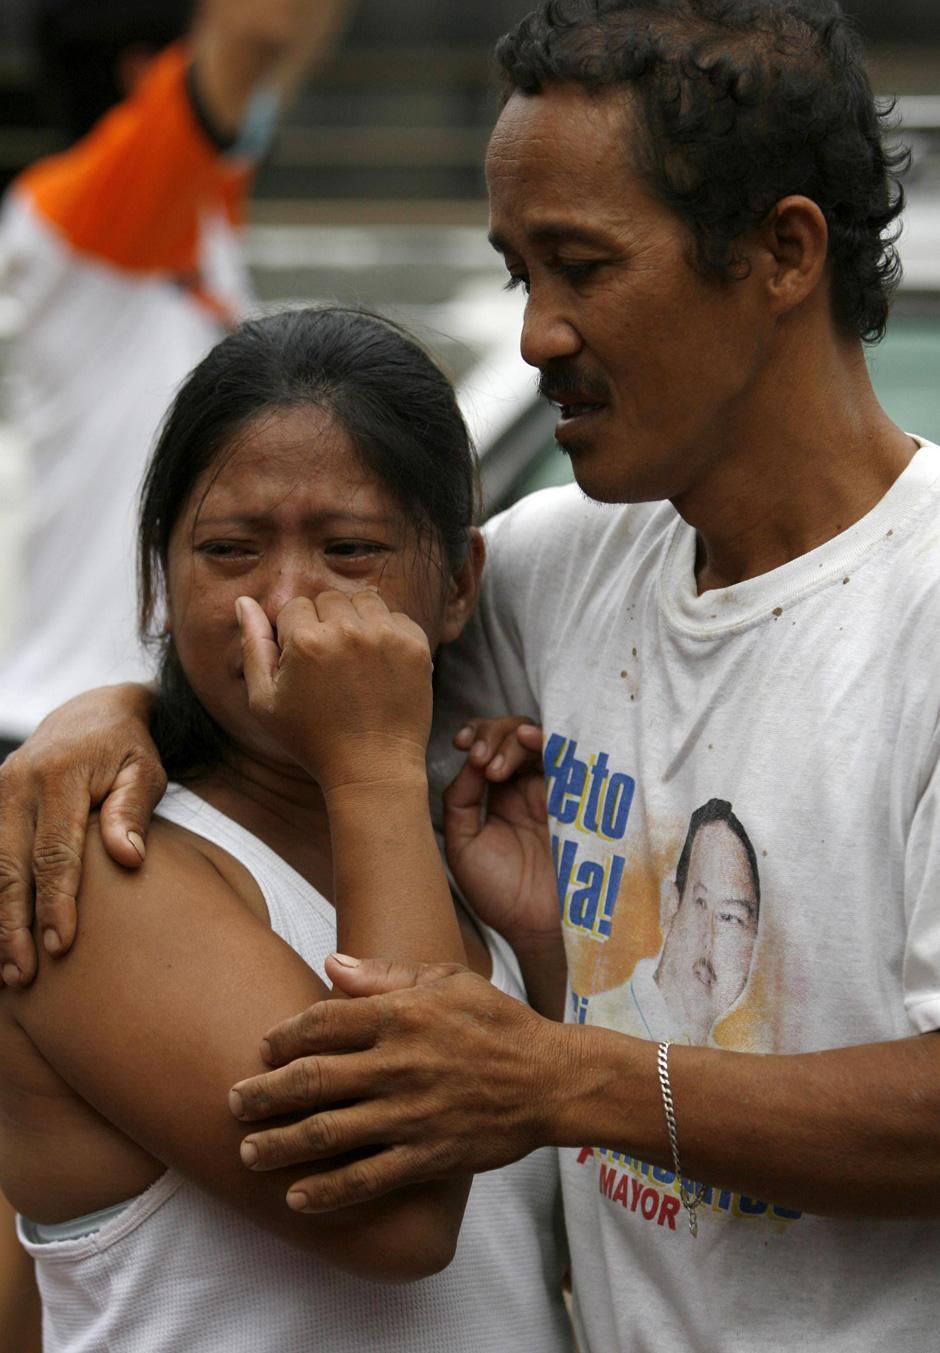 29) Родственники услышали весть о смерти своего близкого человека, погибшего в результате тайфуна Ketsana. Снимок сделан в морге города Танай, Ризал востоку от Манилы.